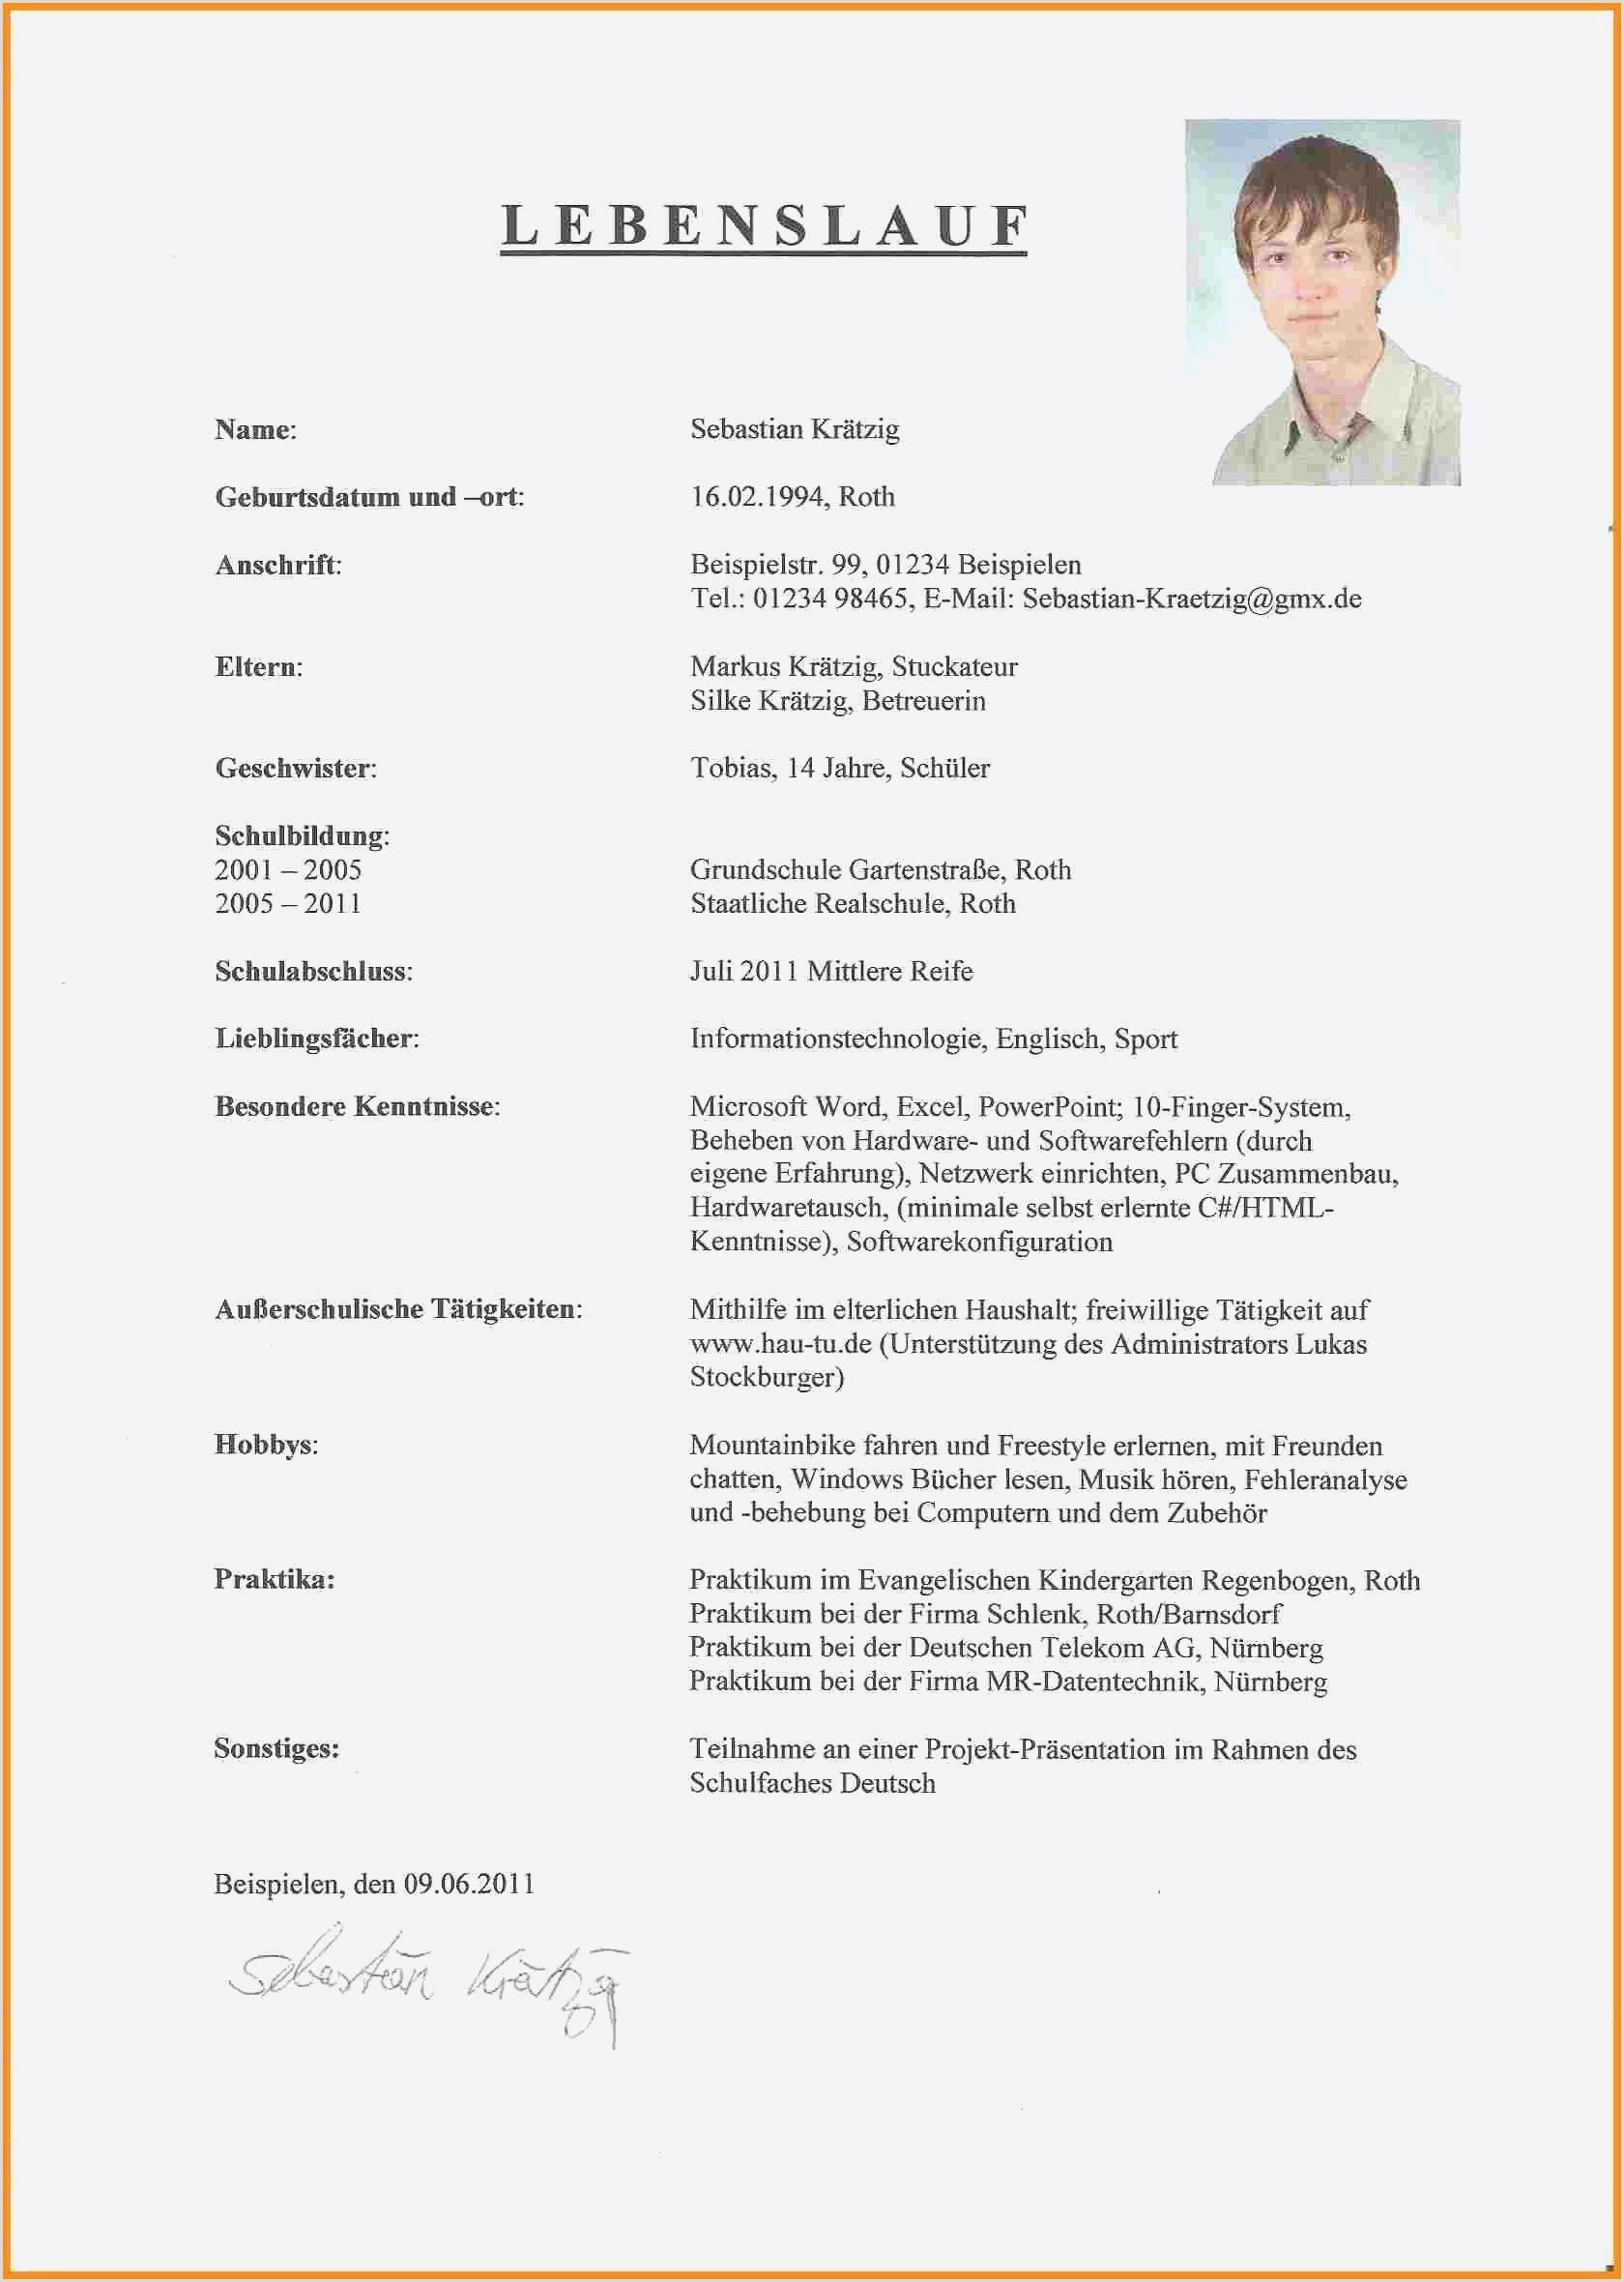 Lebenslauf Muster Verwaltungsfachangestellte 13 Undergraduate Lebenslauf Ausbildung Bankkauffrau